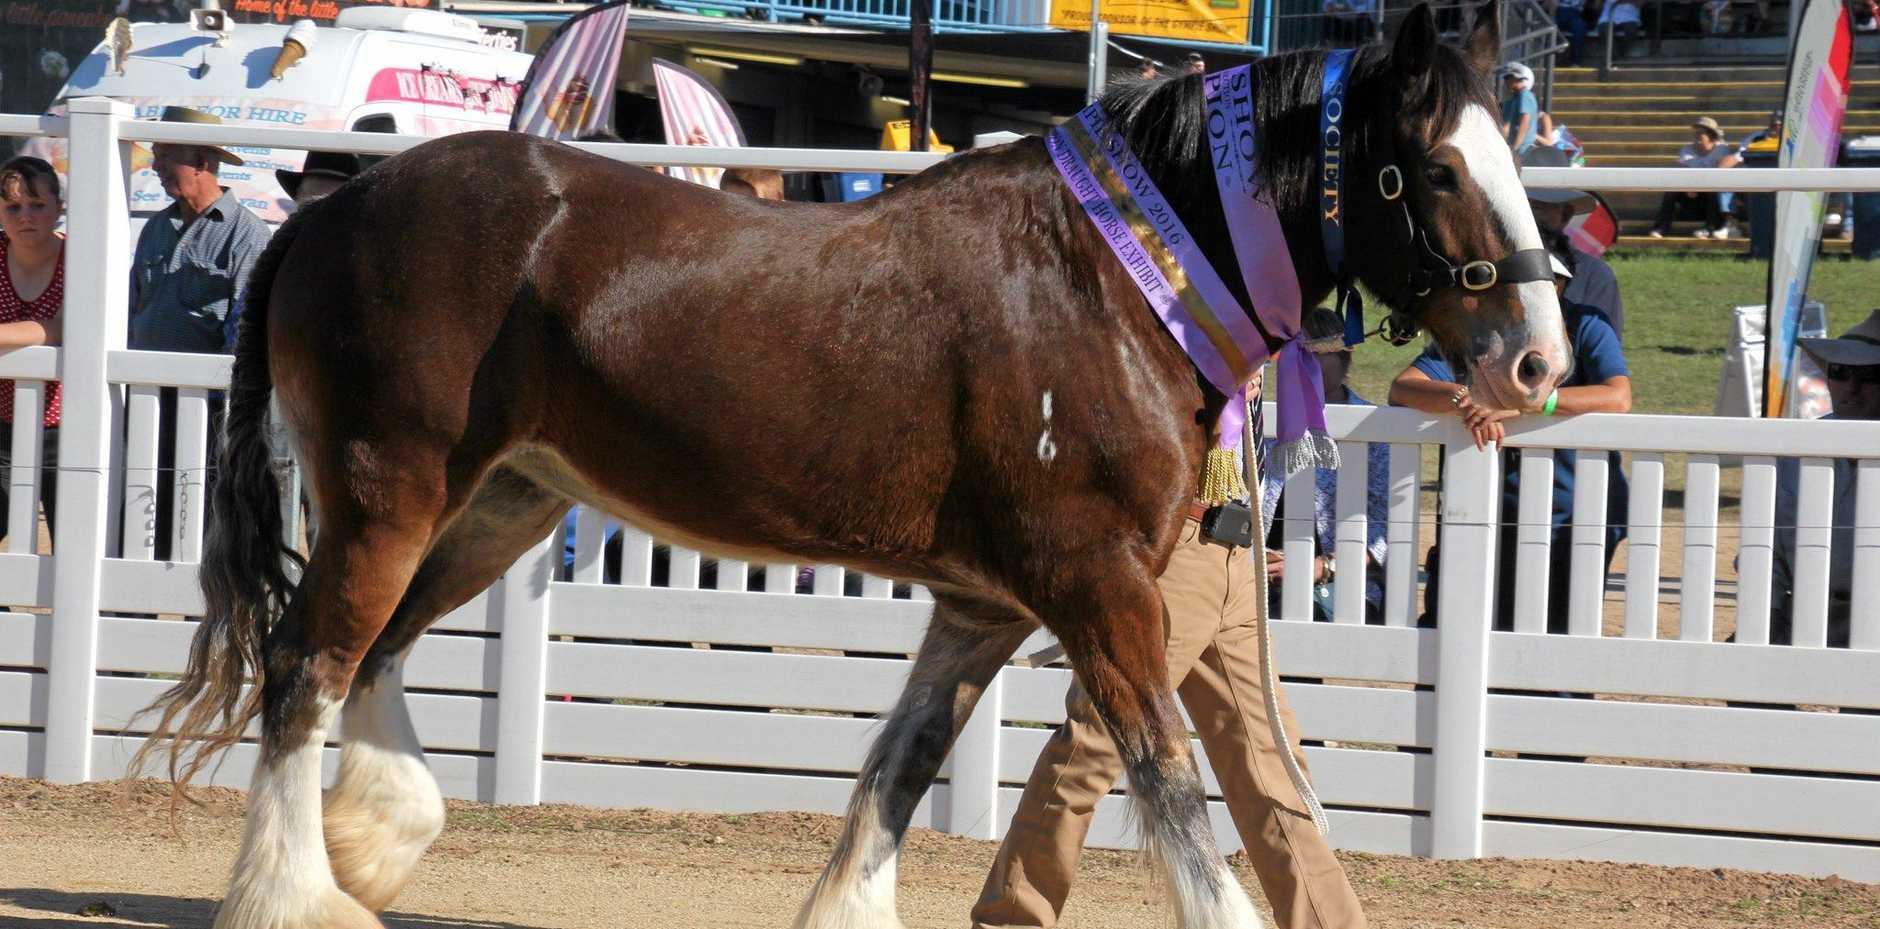 A draught horse at the Grand parade.